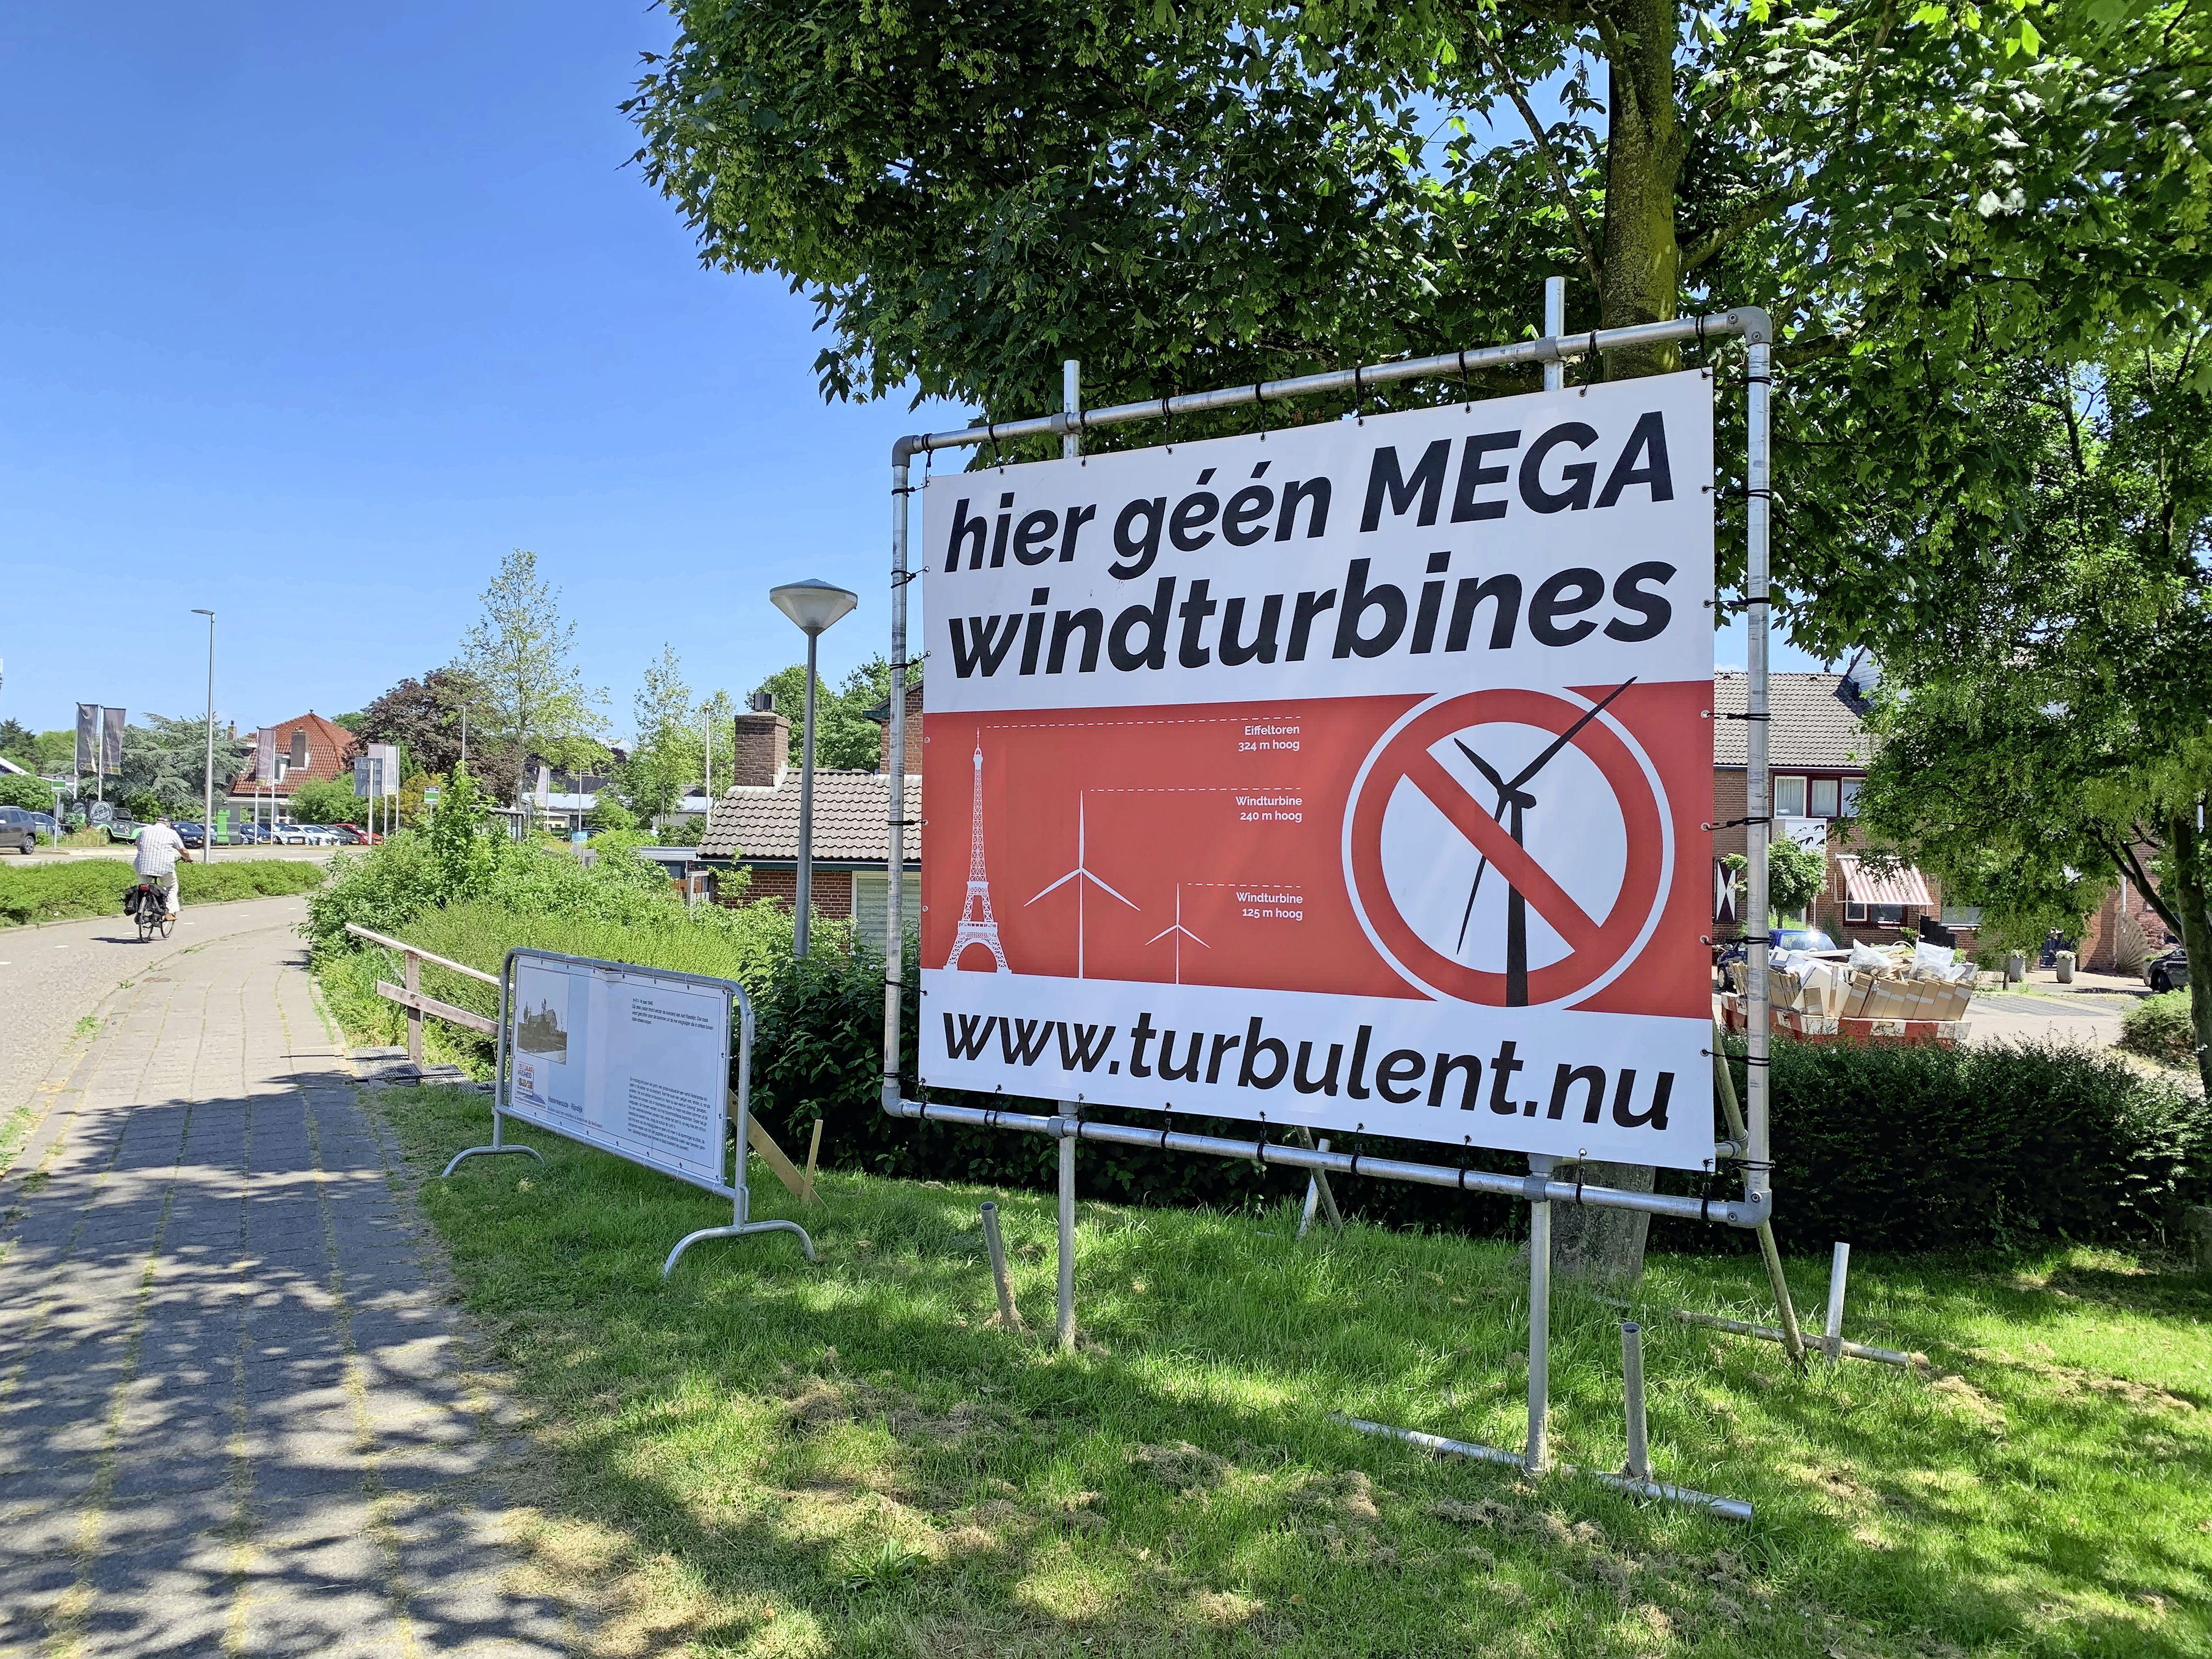 Turbulent organiseert demonstratie in Hazerswoude tegen windmolens langs N11: 'Leuke en gezellige optocht door het dorp, vooral voor kinderen'